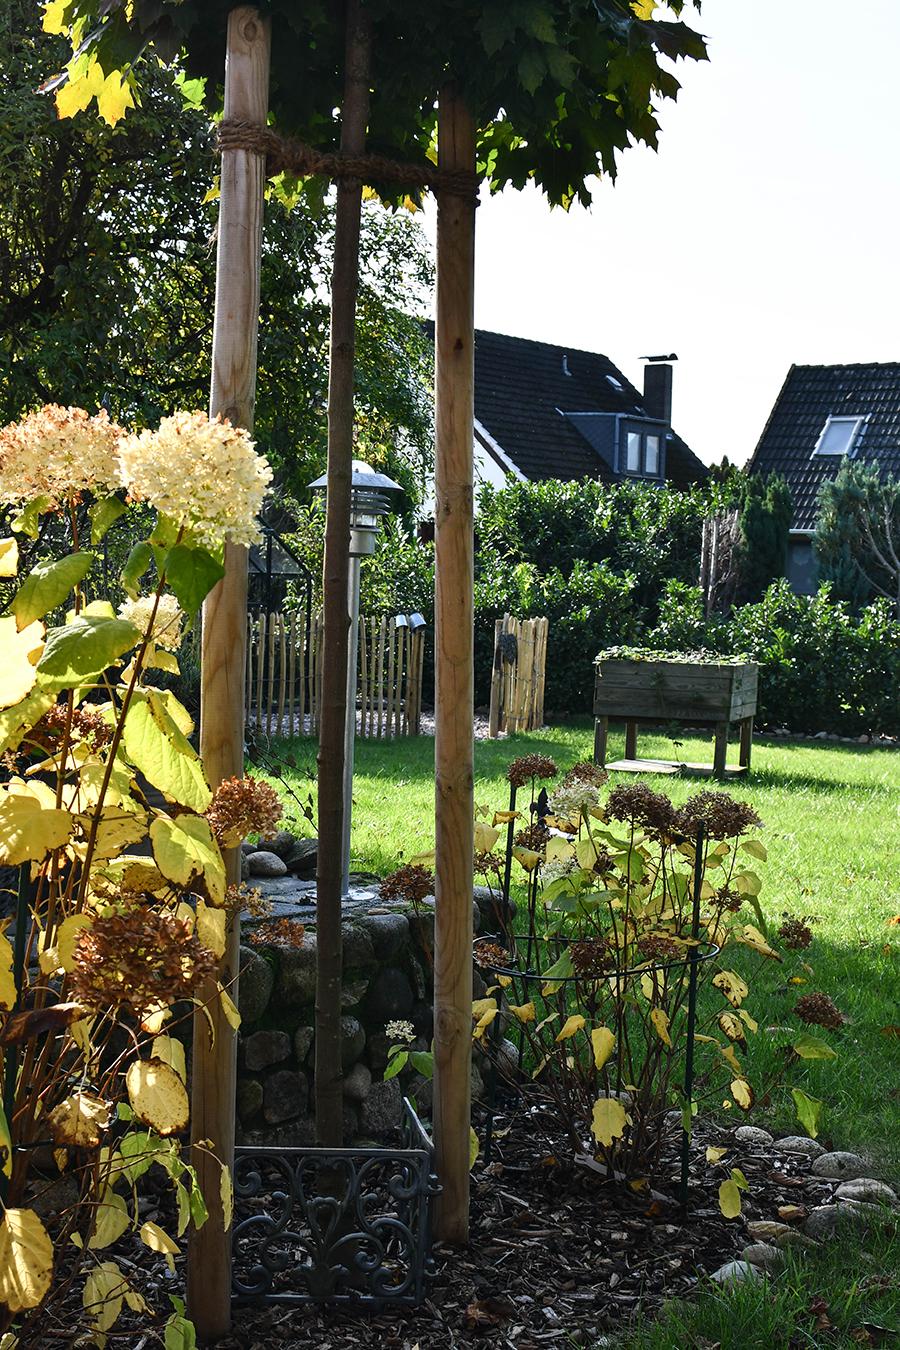 Gartenmonat November: Wintervorbereitung, Rückschnitt, Neupflanzung